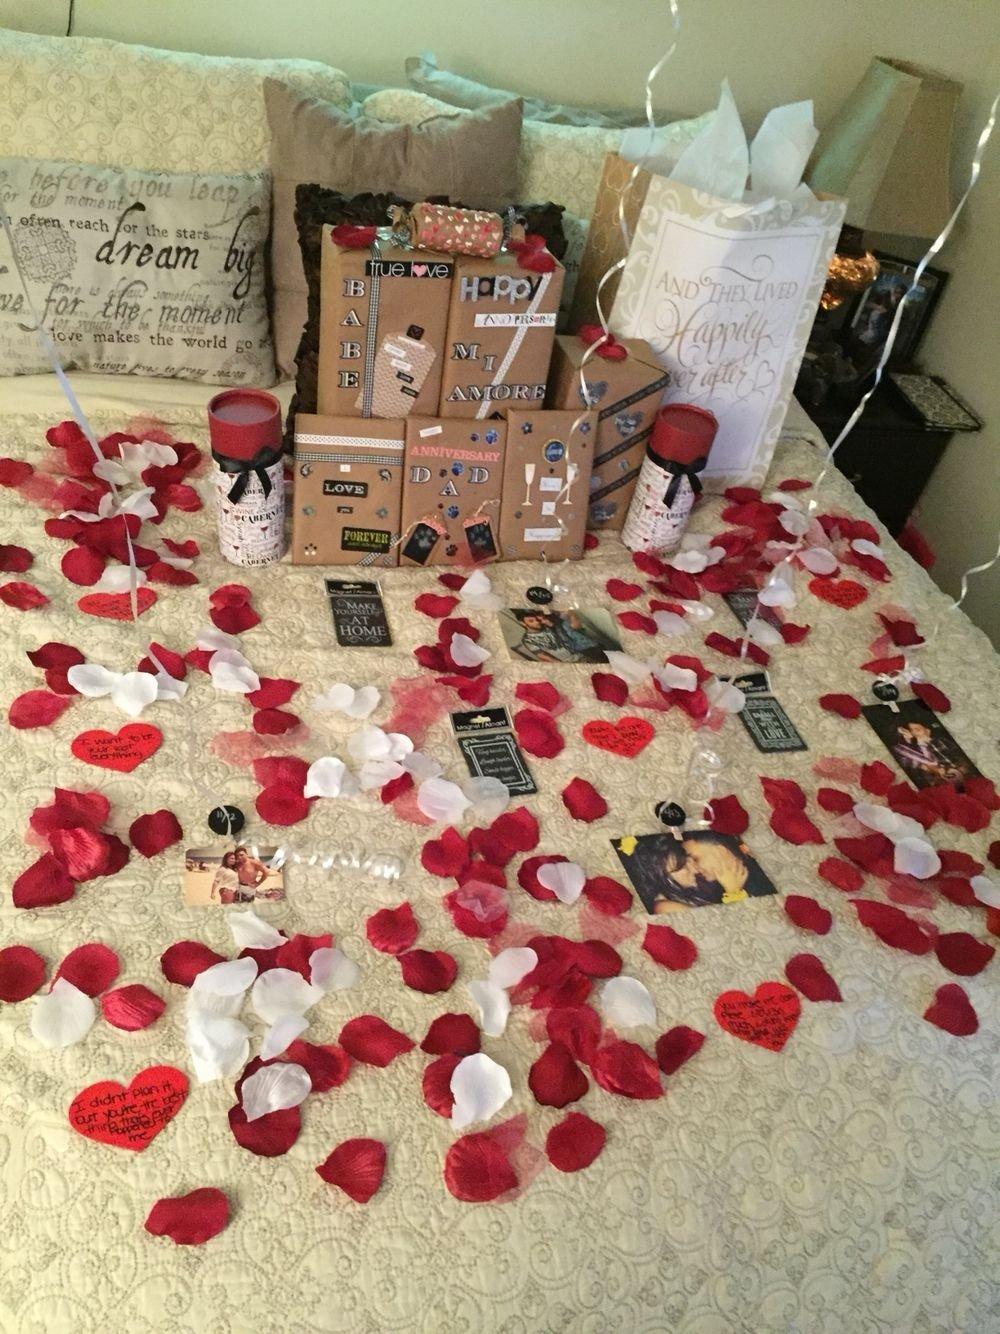 10 Lovable Romantic 1 Year Anniversary Ideas what i did for my boyfriend for our 4 year anniversary e29da4 e29da4 my 2020